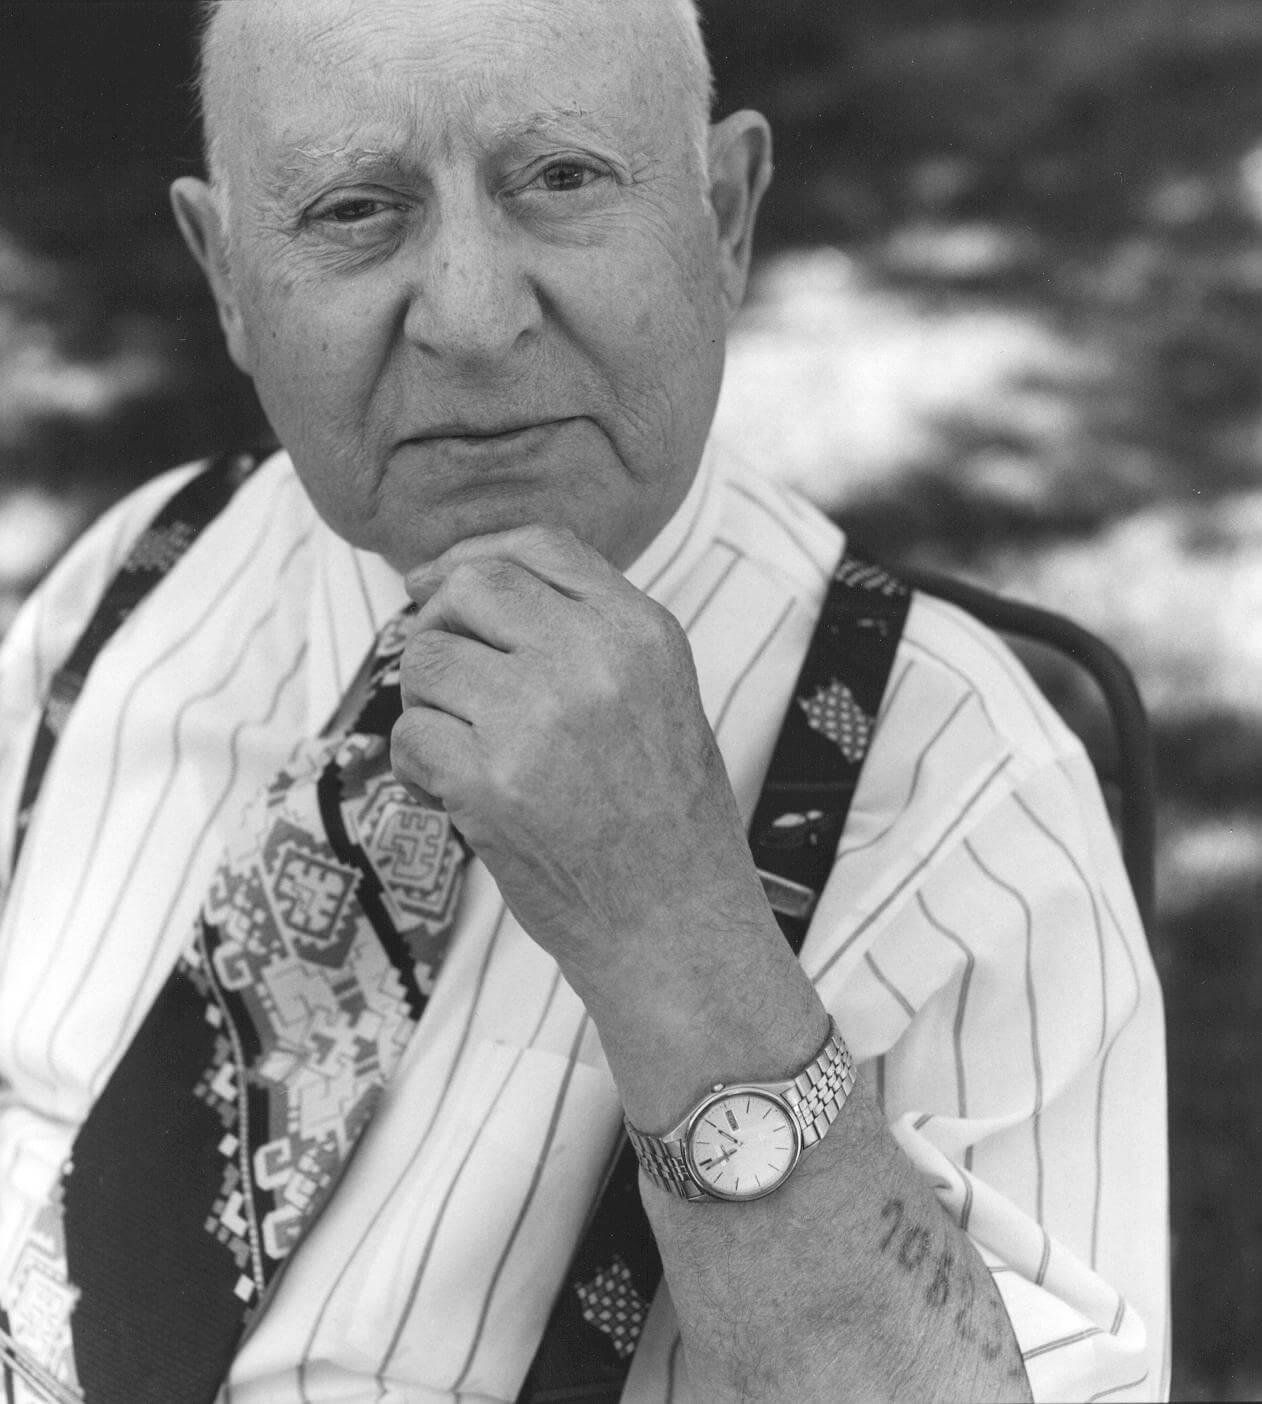 Sigmund Mandelbaum